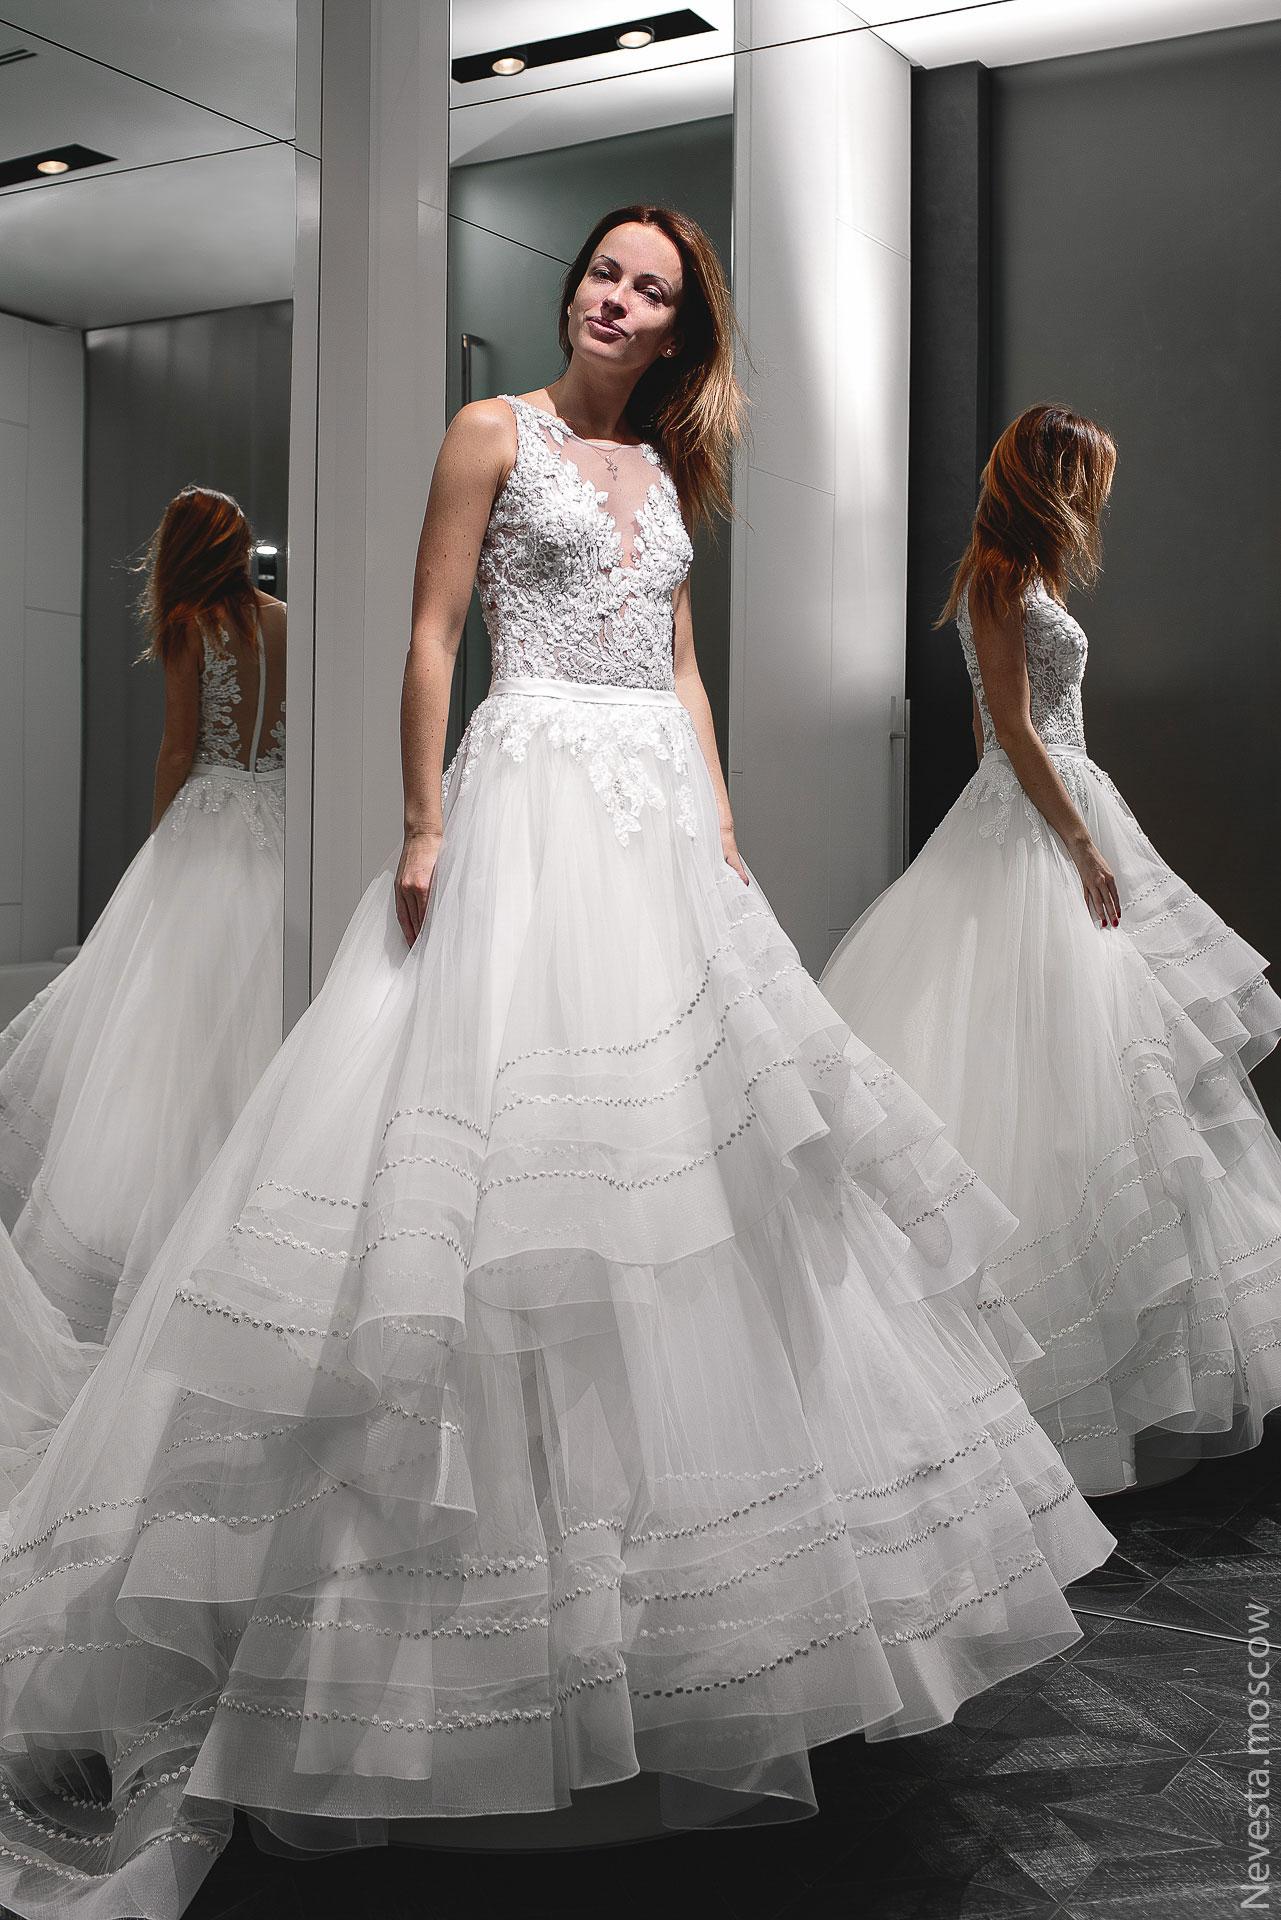 Актриса Ольга Зайцева примеряет свадебное платье фото 1